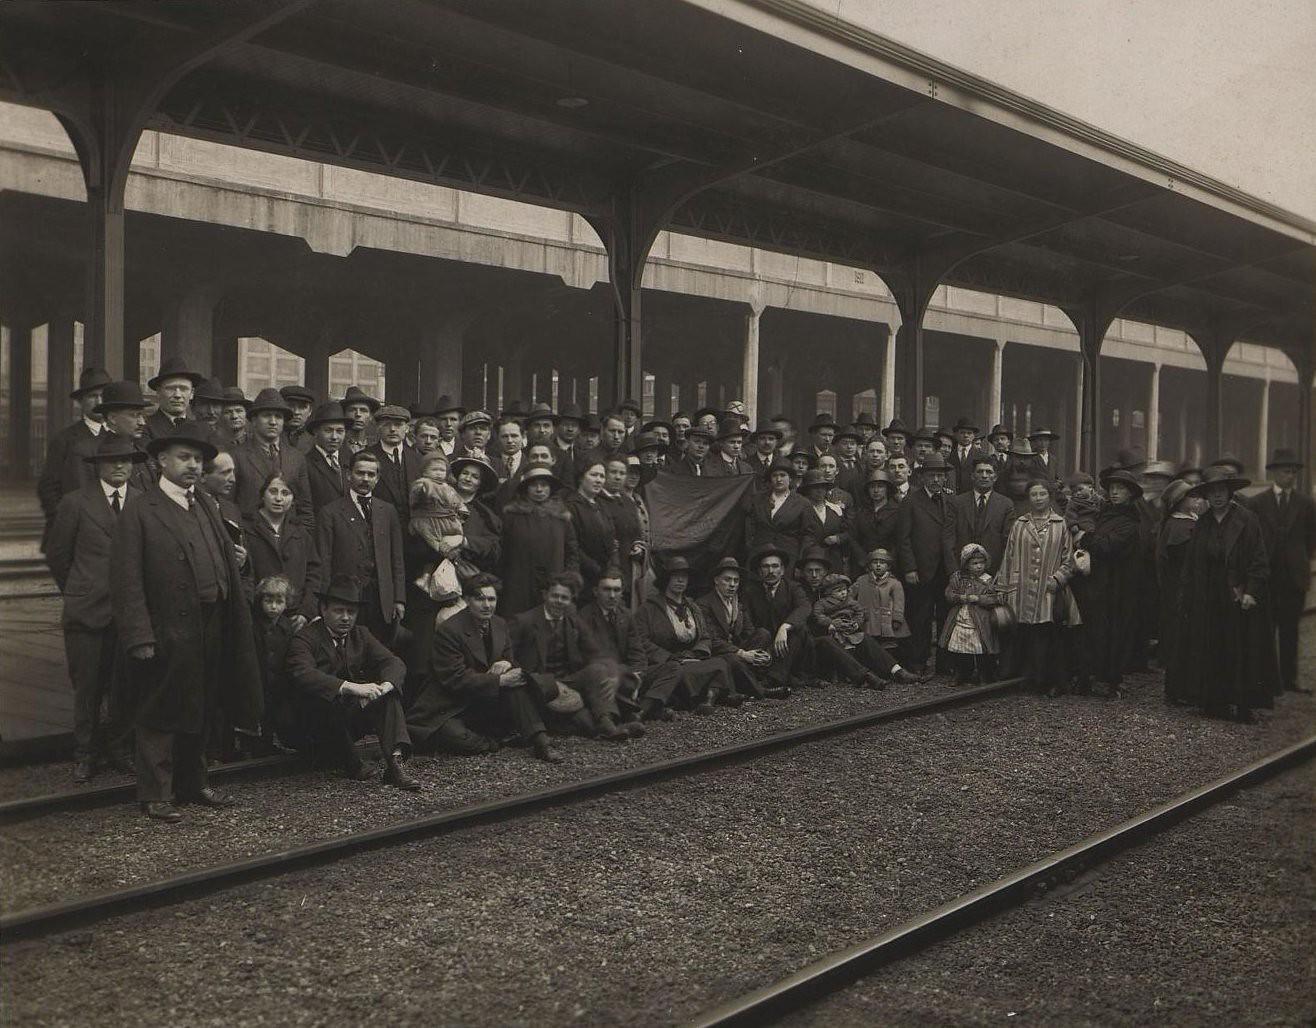 Май. Русские эмигранты на вокзале перед возвращением в Россию. Сиэттл